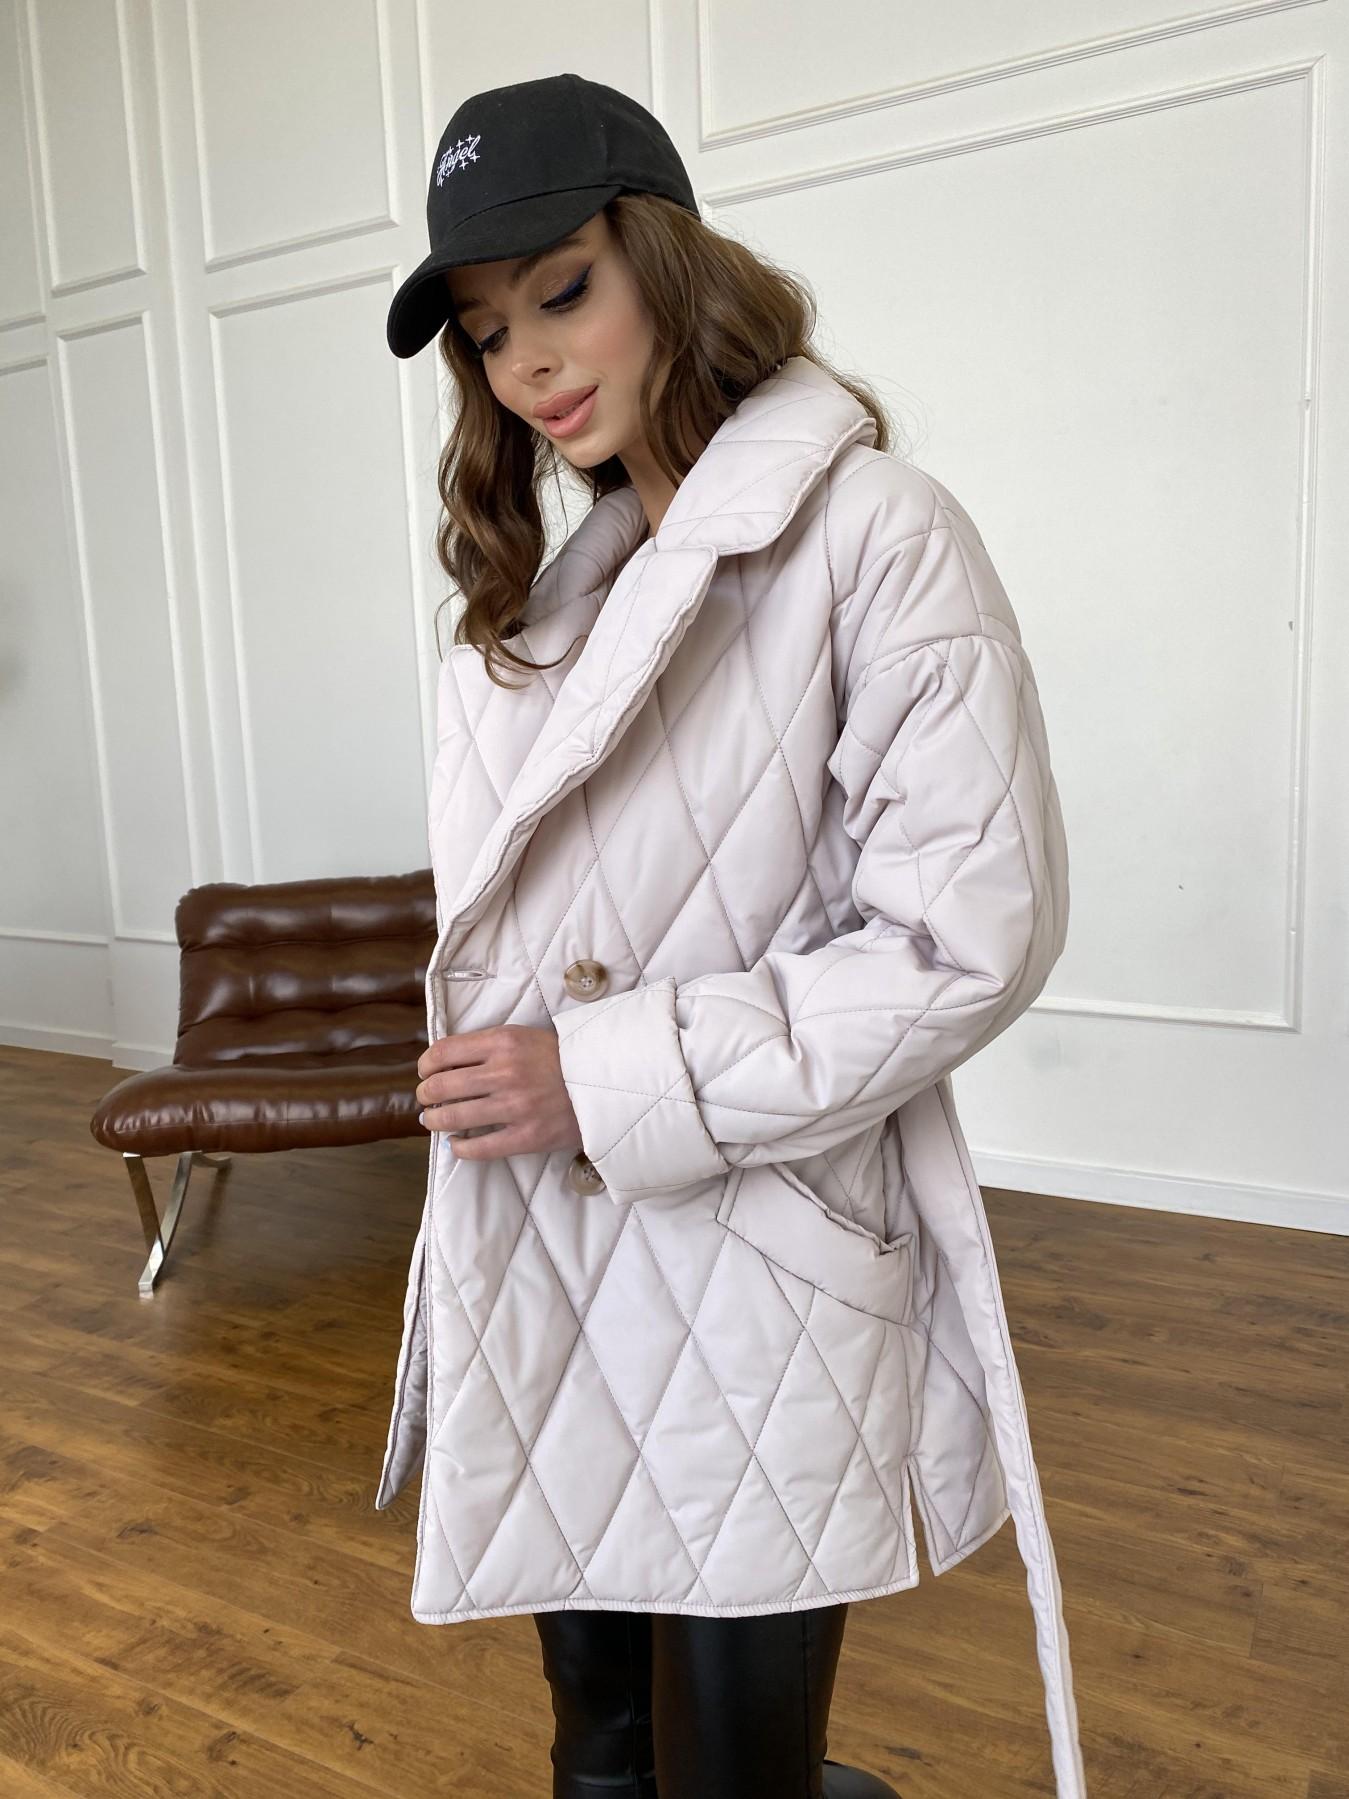 Норд куртка из плащевой ткани стеганая 10883 АРТ. 47551 Цвет: Бежевый 970 - фото 8, интернет магазин tm-modus.ru